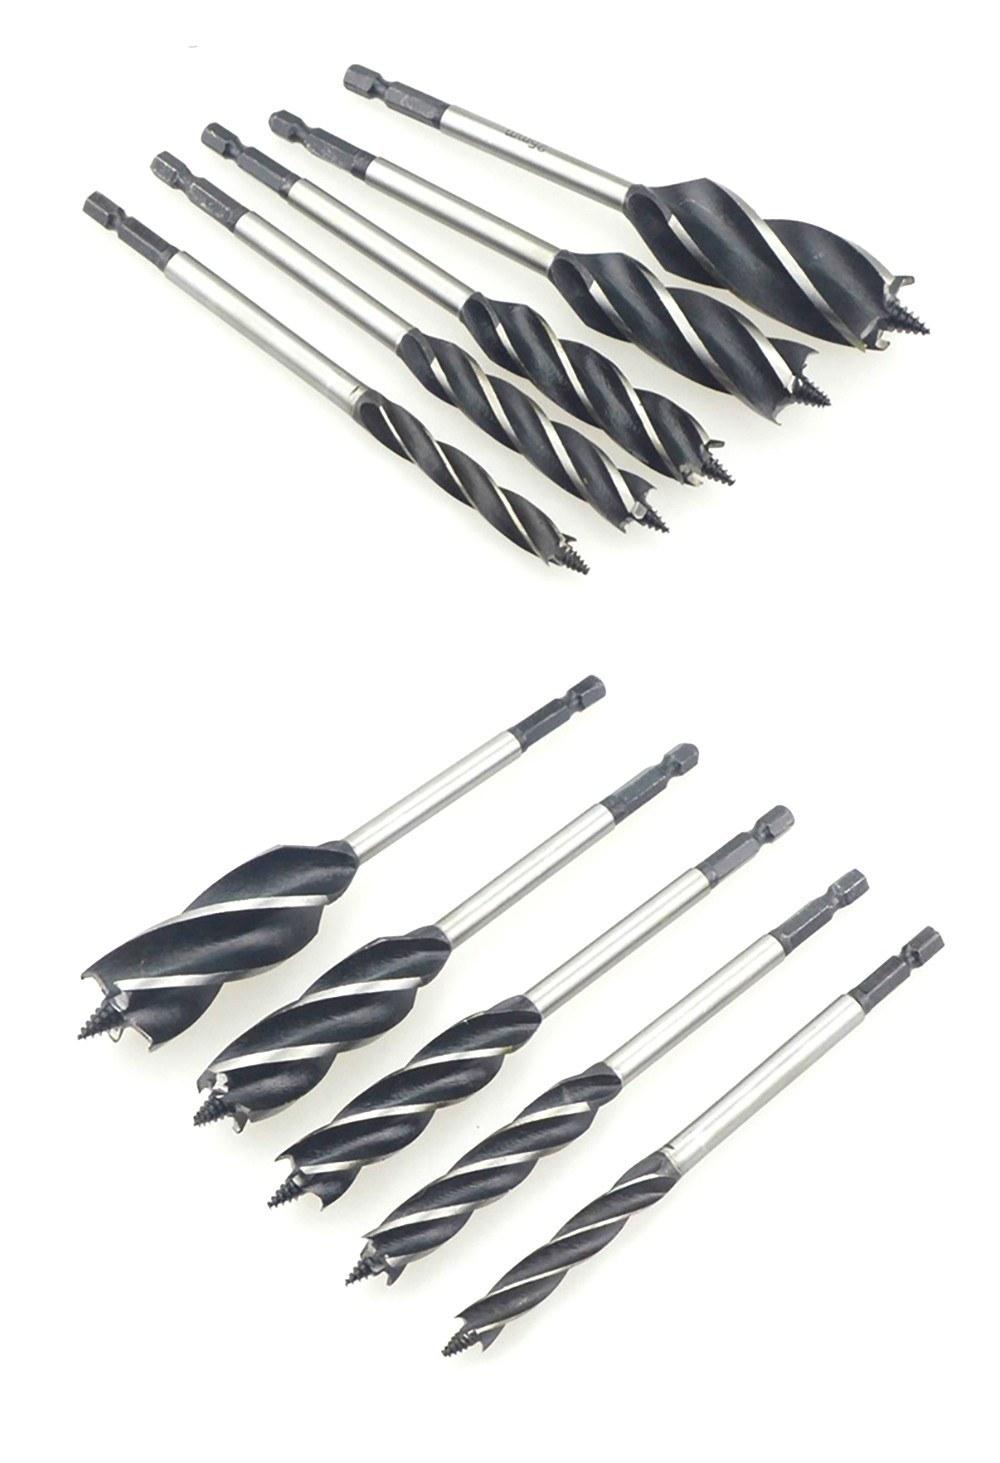 ... Tap Drill Bits Hex Shank Twist Drill Bits Hand Tap HSS Screw Thread Plug Drill Bits M3-M10 Woodworking Hole Saw Cutter Drilling Tools Metal Drilling